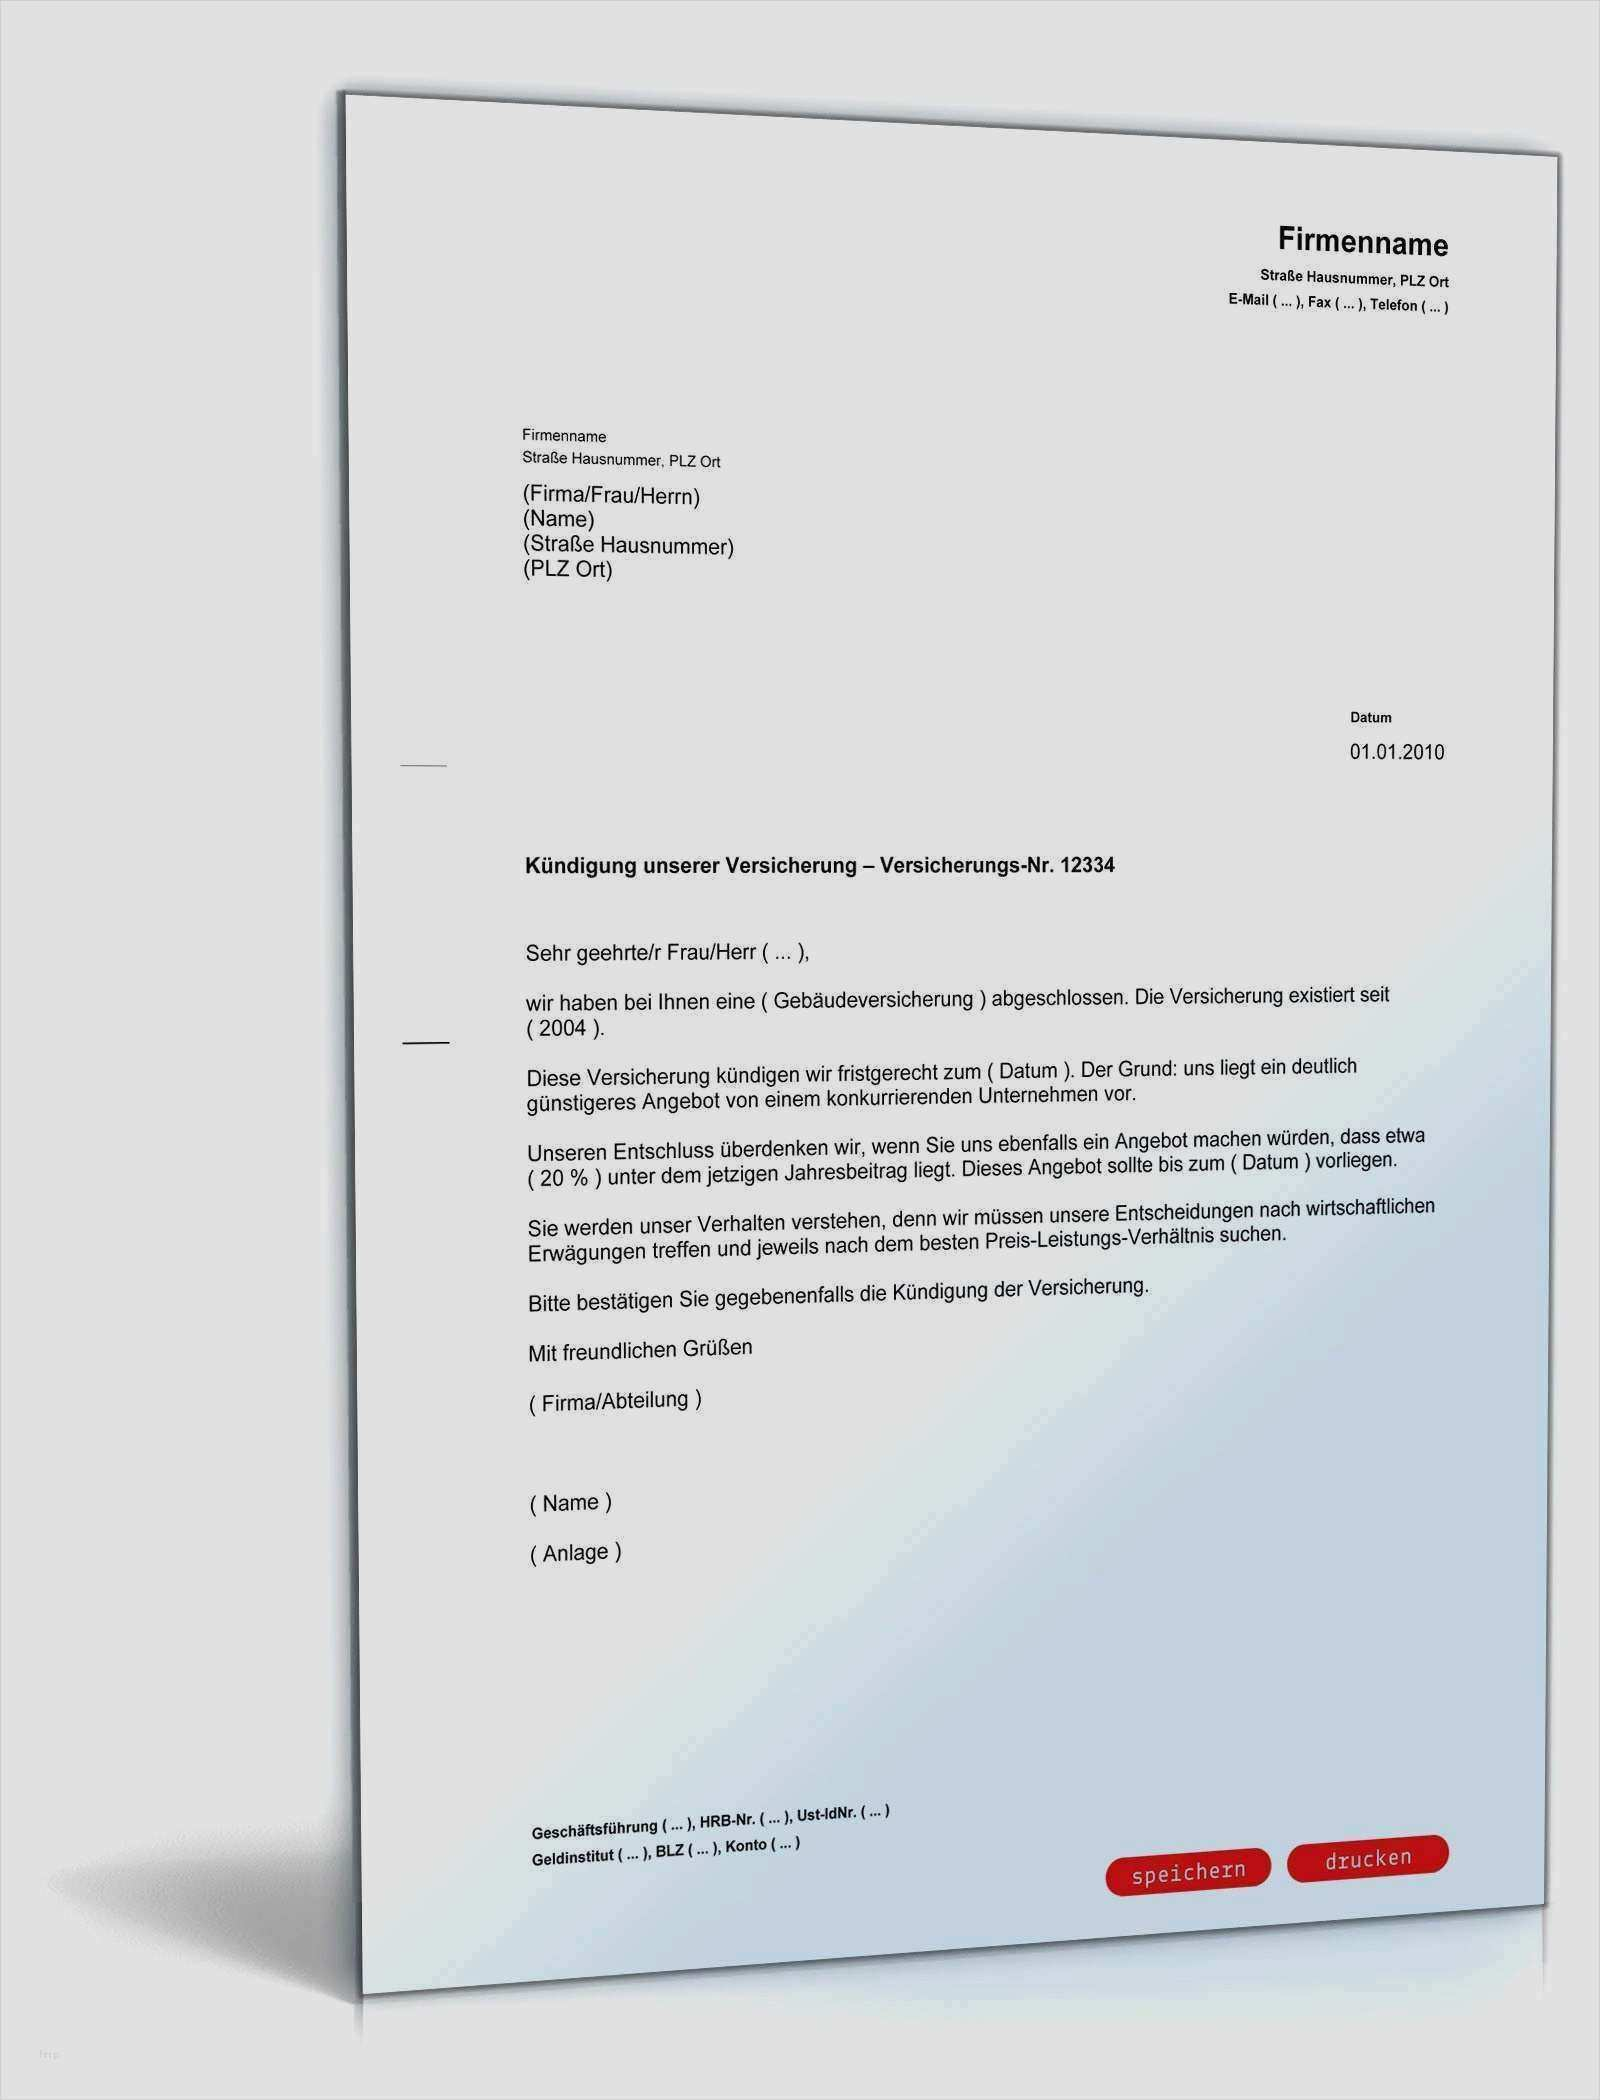 Vhv Kfz Versicherung Kundigung Vorlage Download Chip